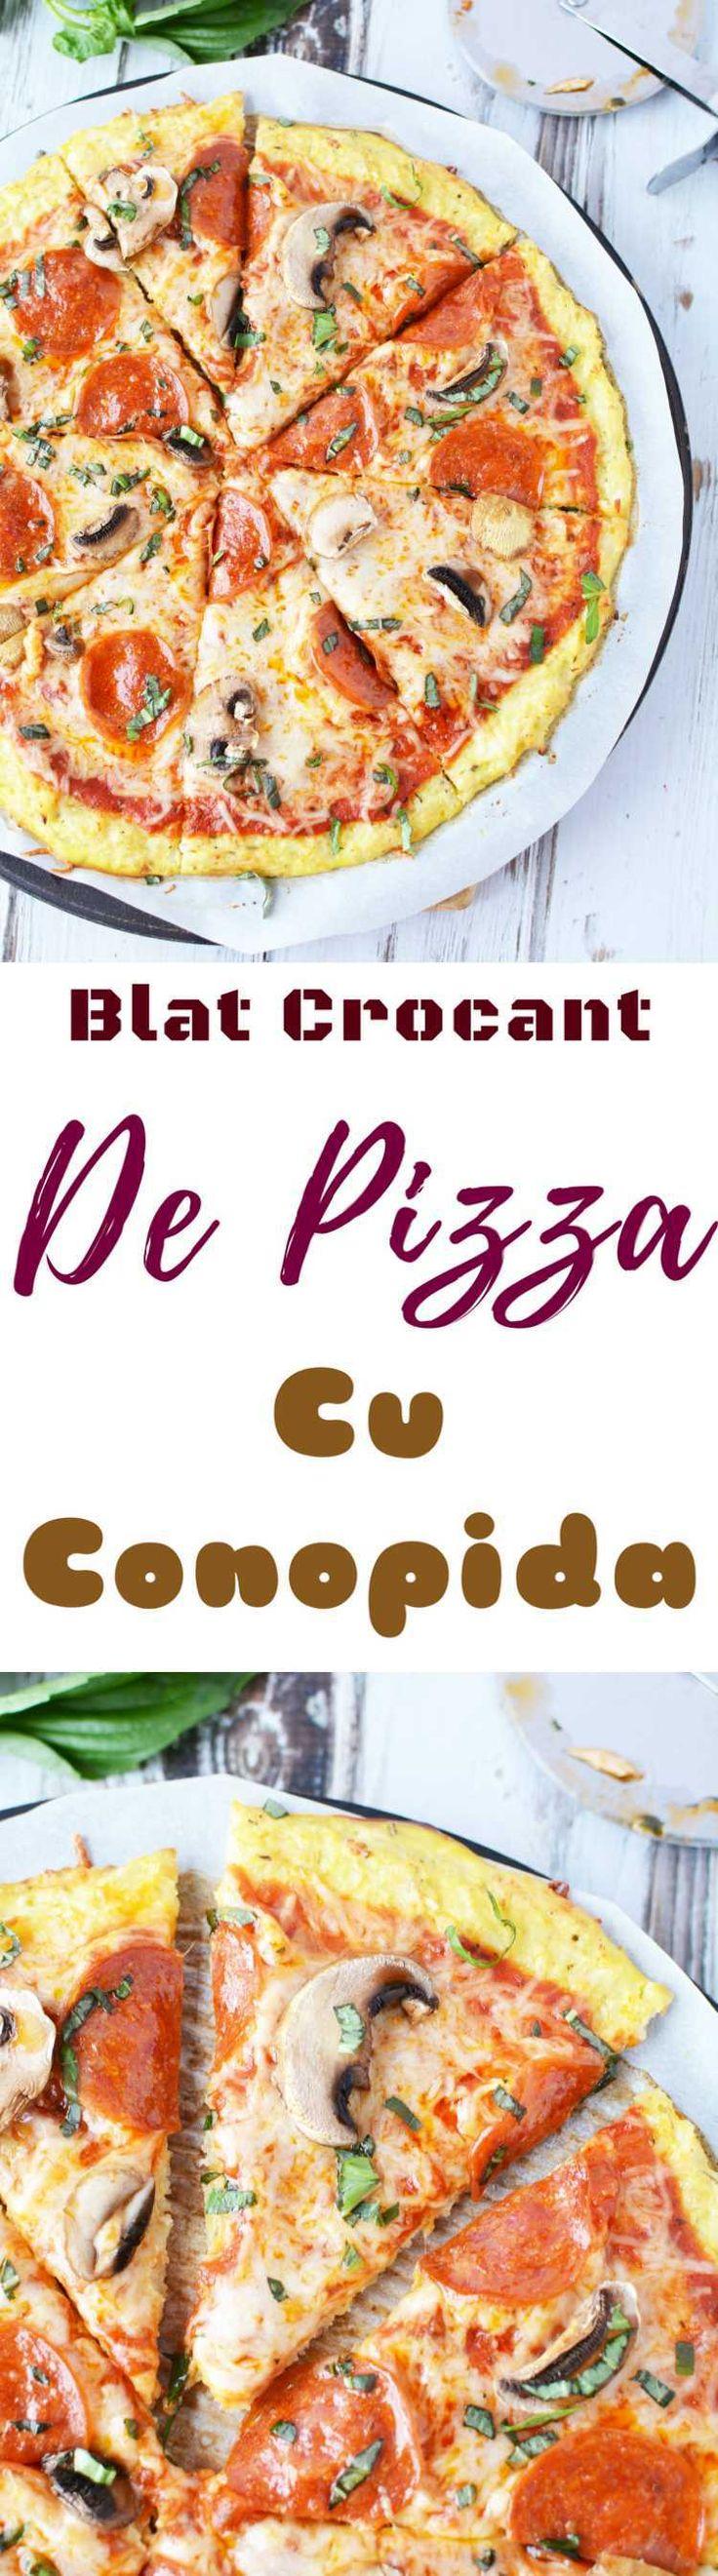 PIZZA CU BLAT DE CONOPIDA - Vrei să urmezi o dieta sănătoasă dar ti-e greu să renunți la alimentele tale preferate, care iti ofera confort alimentar? Nu si atunci când iti faci pizza preferată folosind această reteta de pizza cu blat de conopida! Crocanta si slaba in carbohidrati!